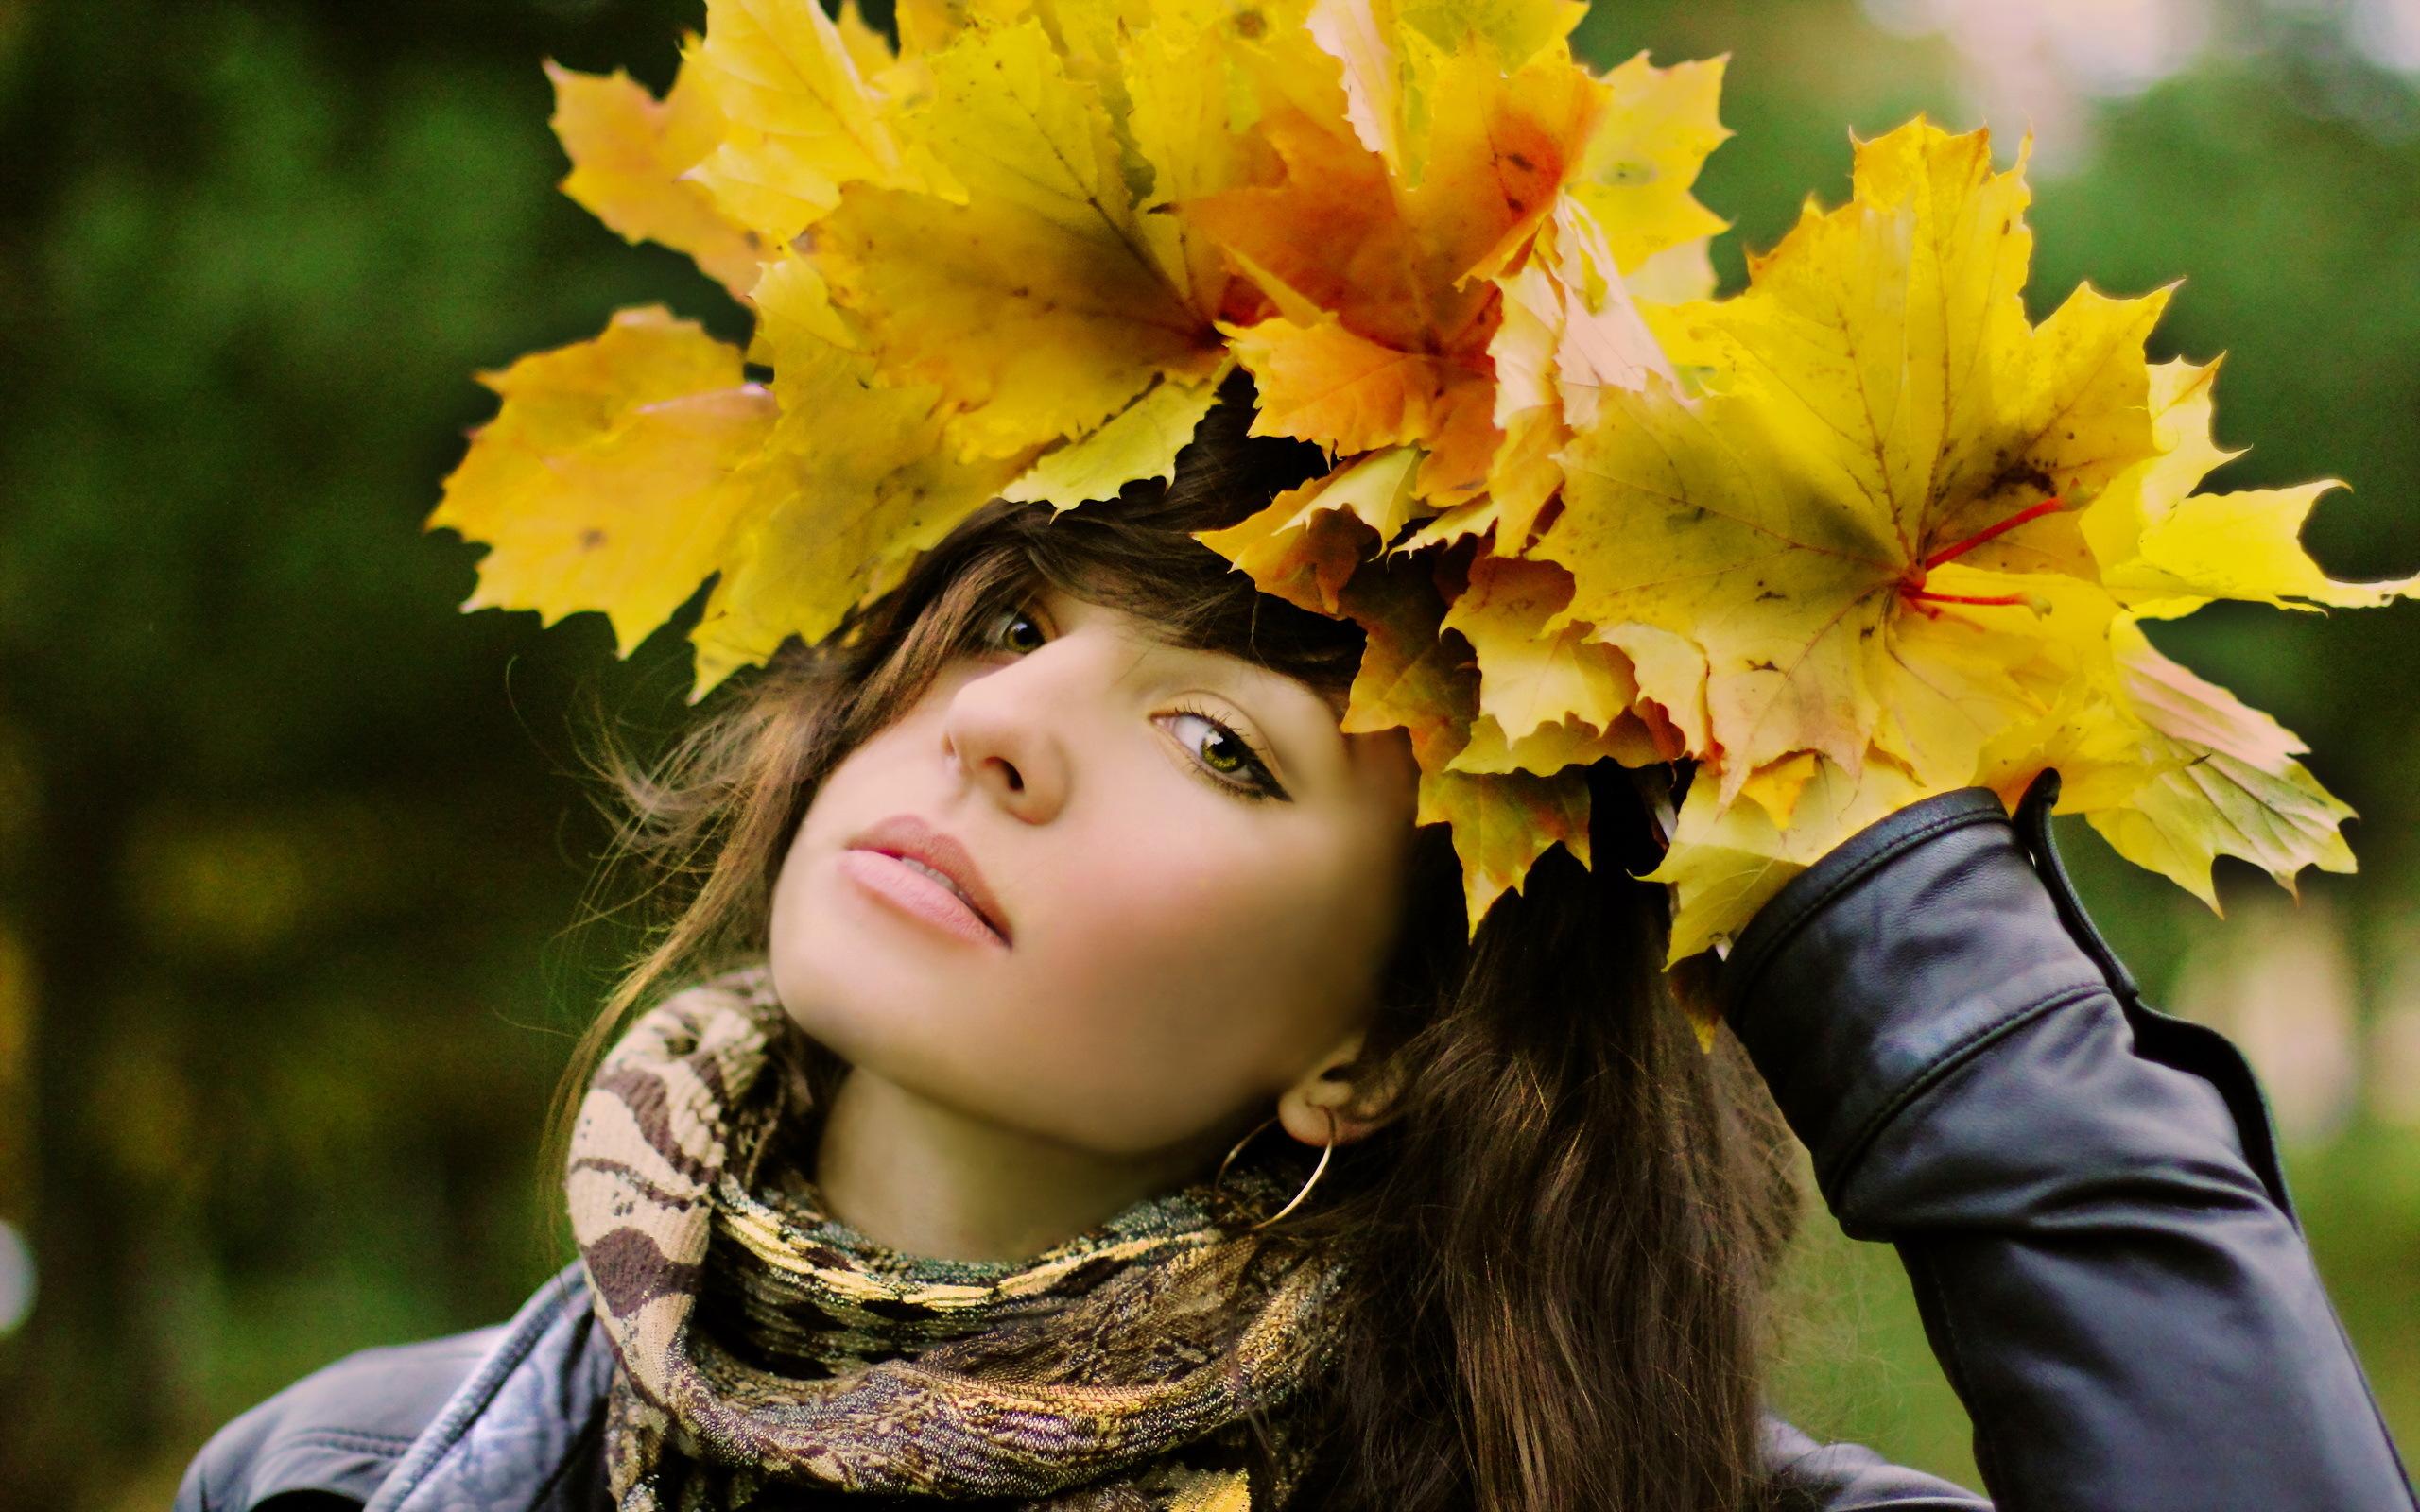 Картинки девушка и осень красивые, гифы видео картинки